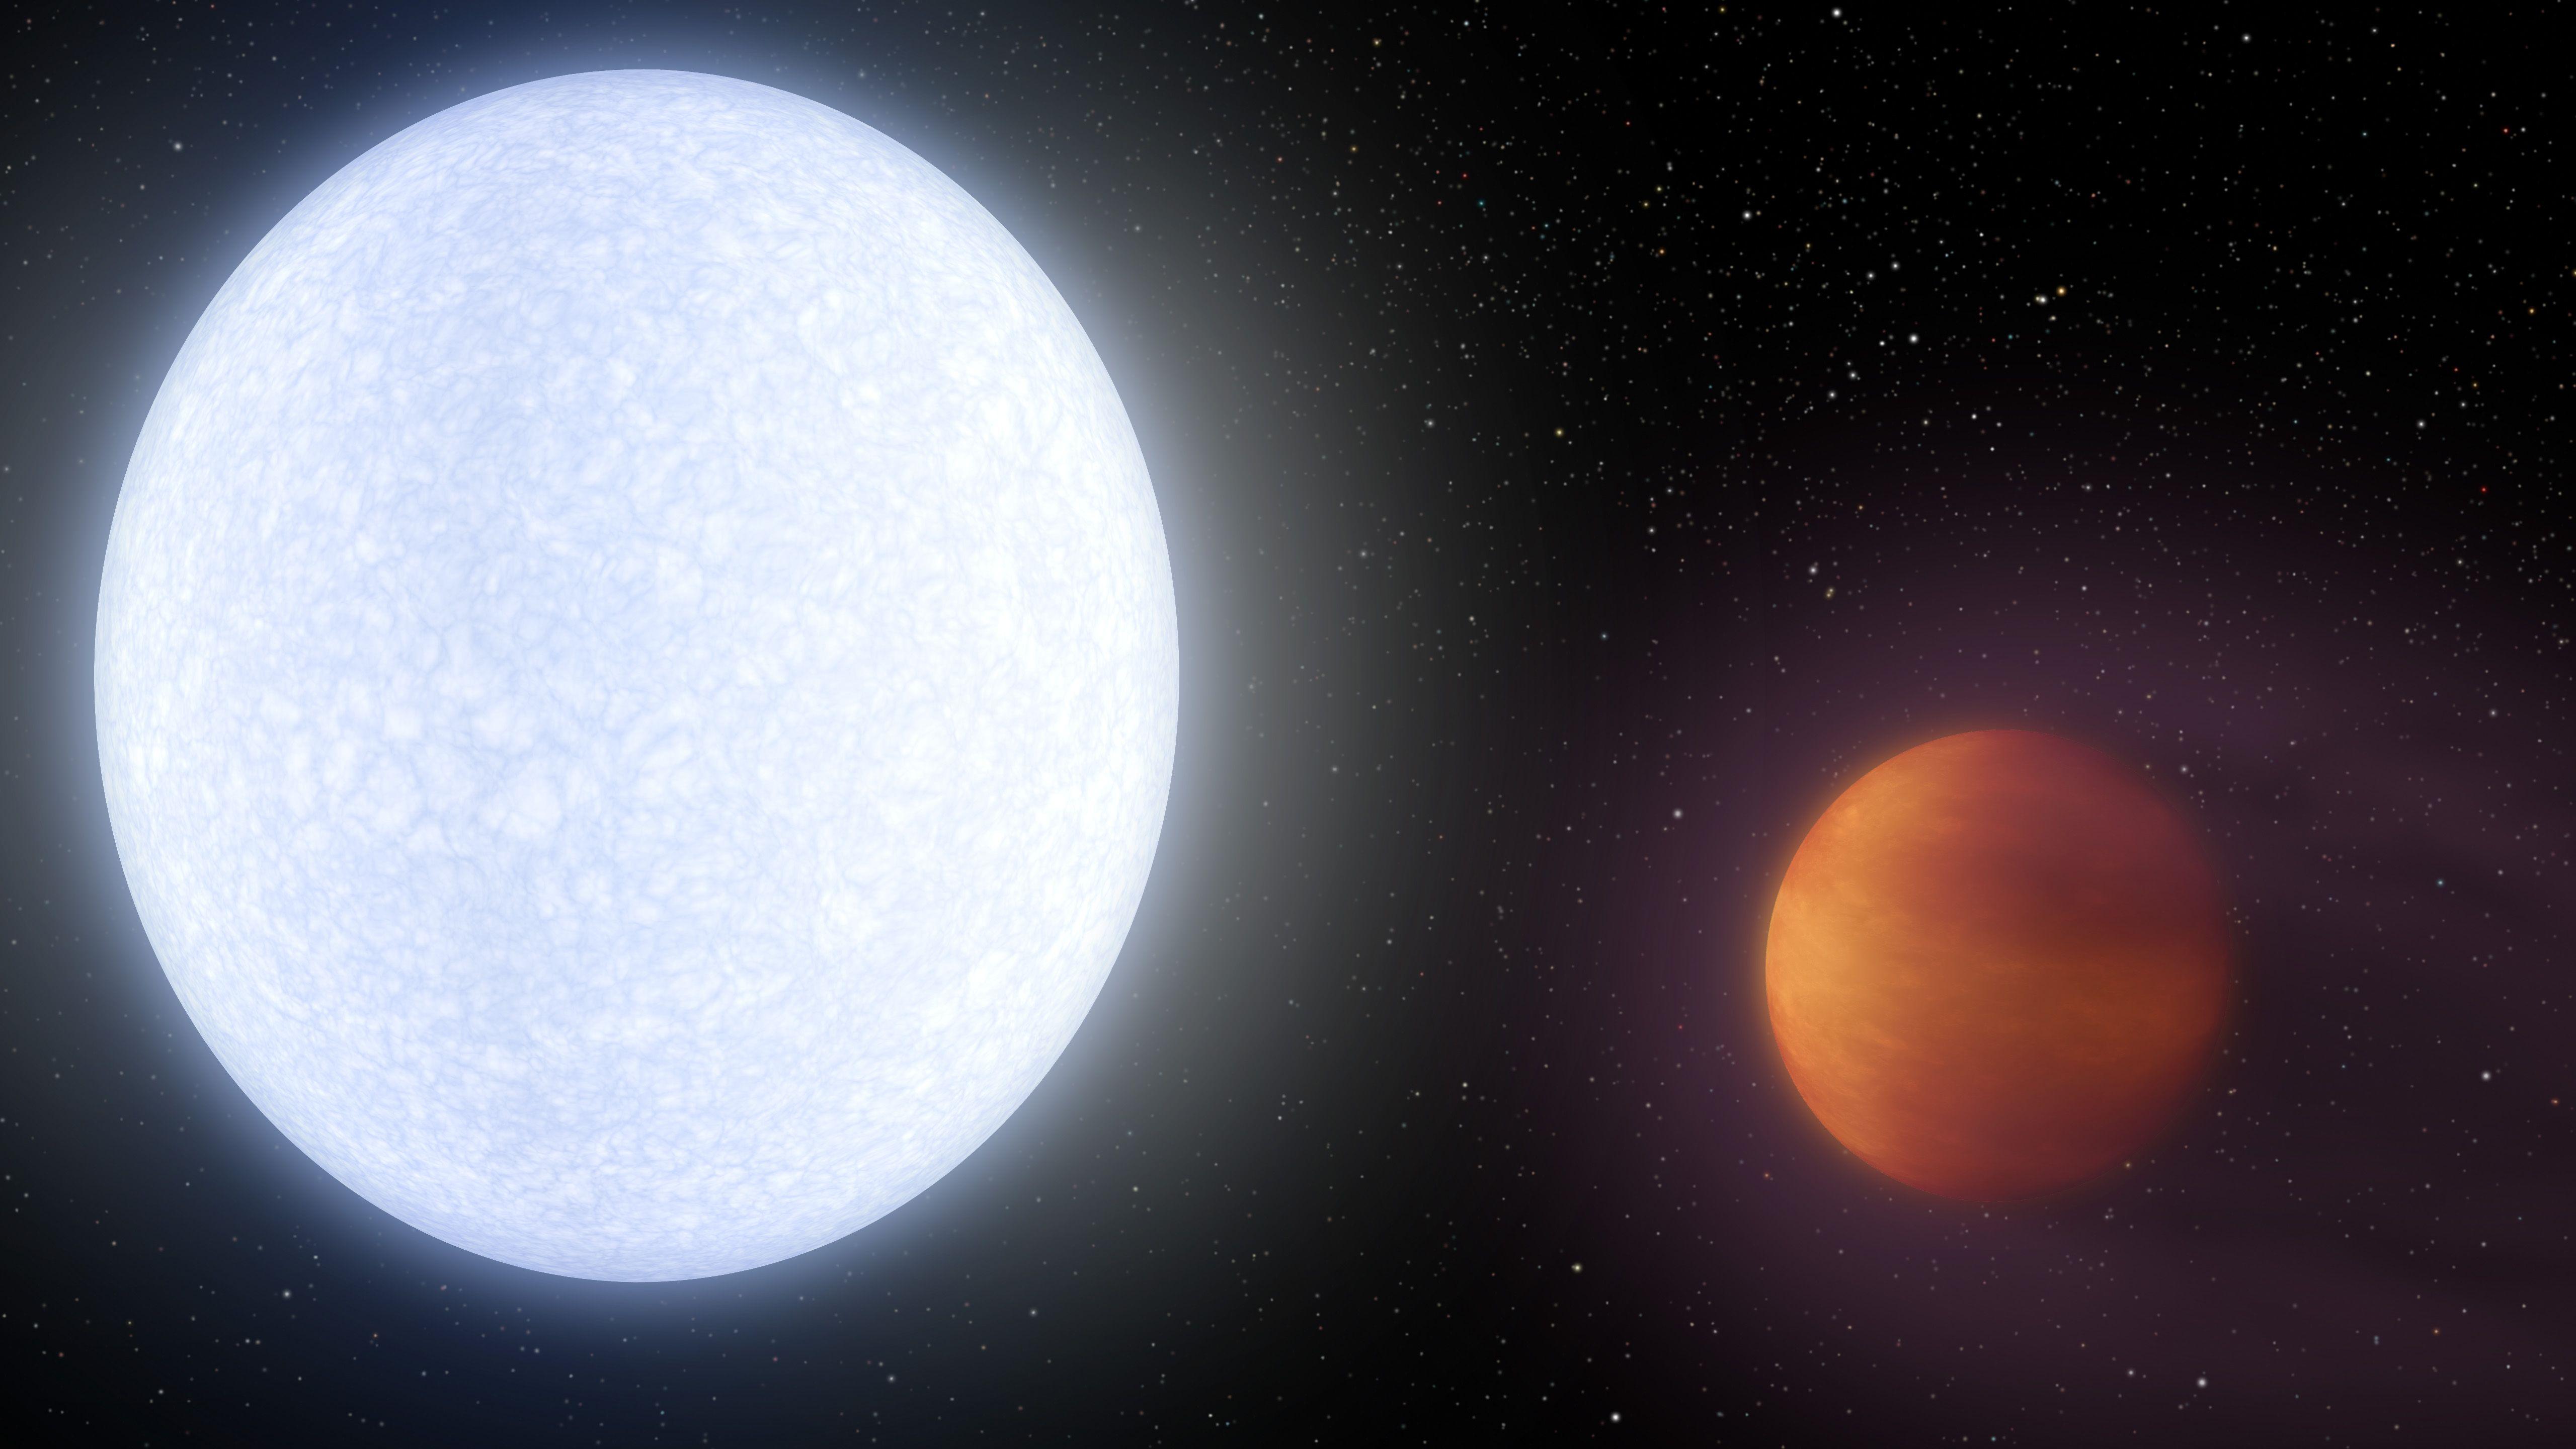 Danh sách 7 hành tinh vĩ đại nhất vũ trụ đã lộ diện, hành tinh cuối sẽ làm bạn bất ngờ - Ảnh 1.